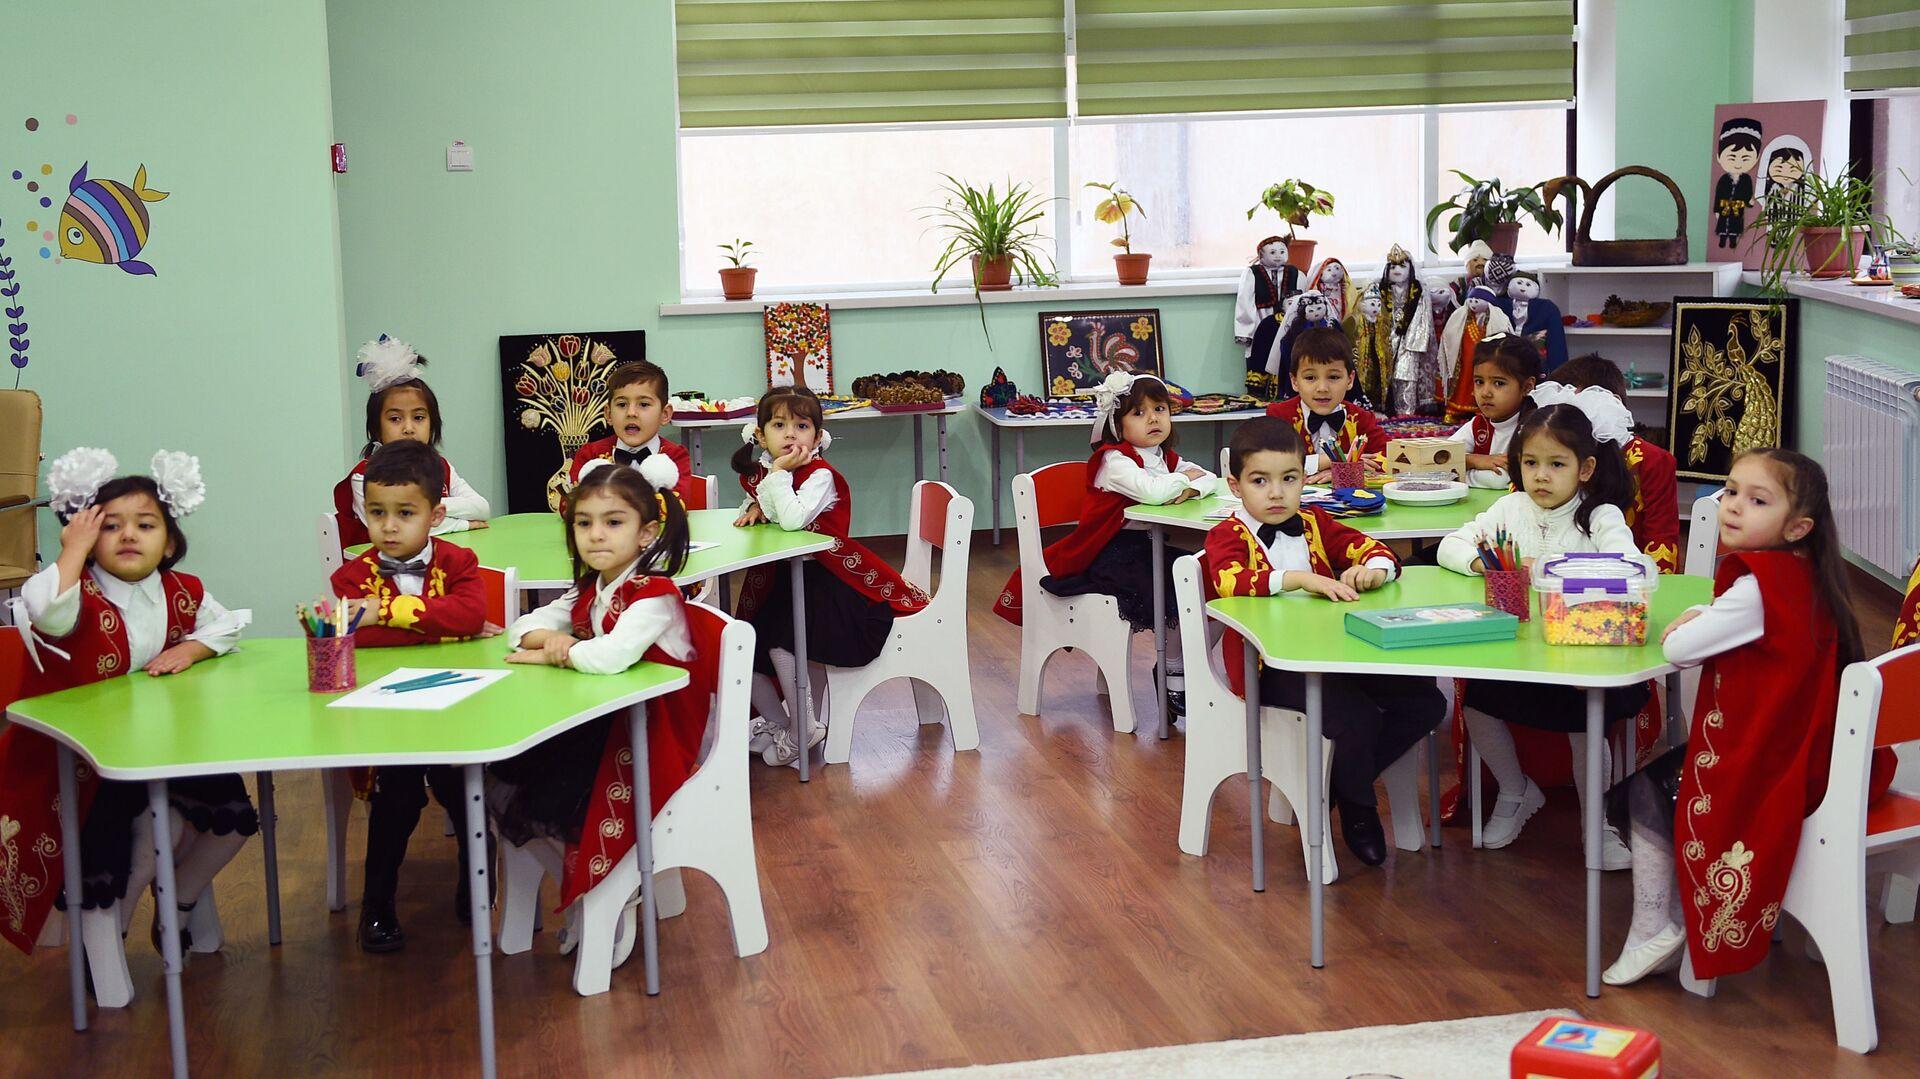 Открытие нового детского сада в Душанбе - Sputnik Тоҷикистон, 1920, 22.09.2021